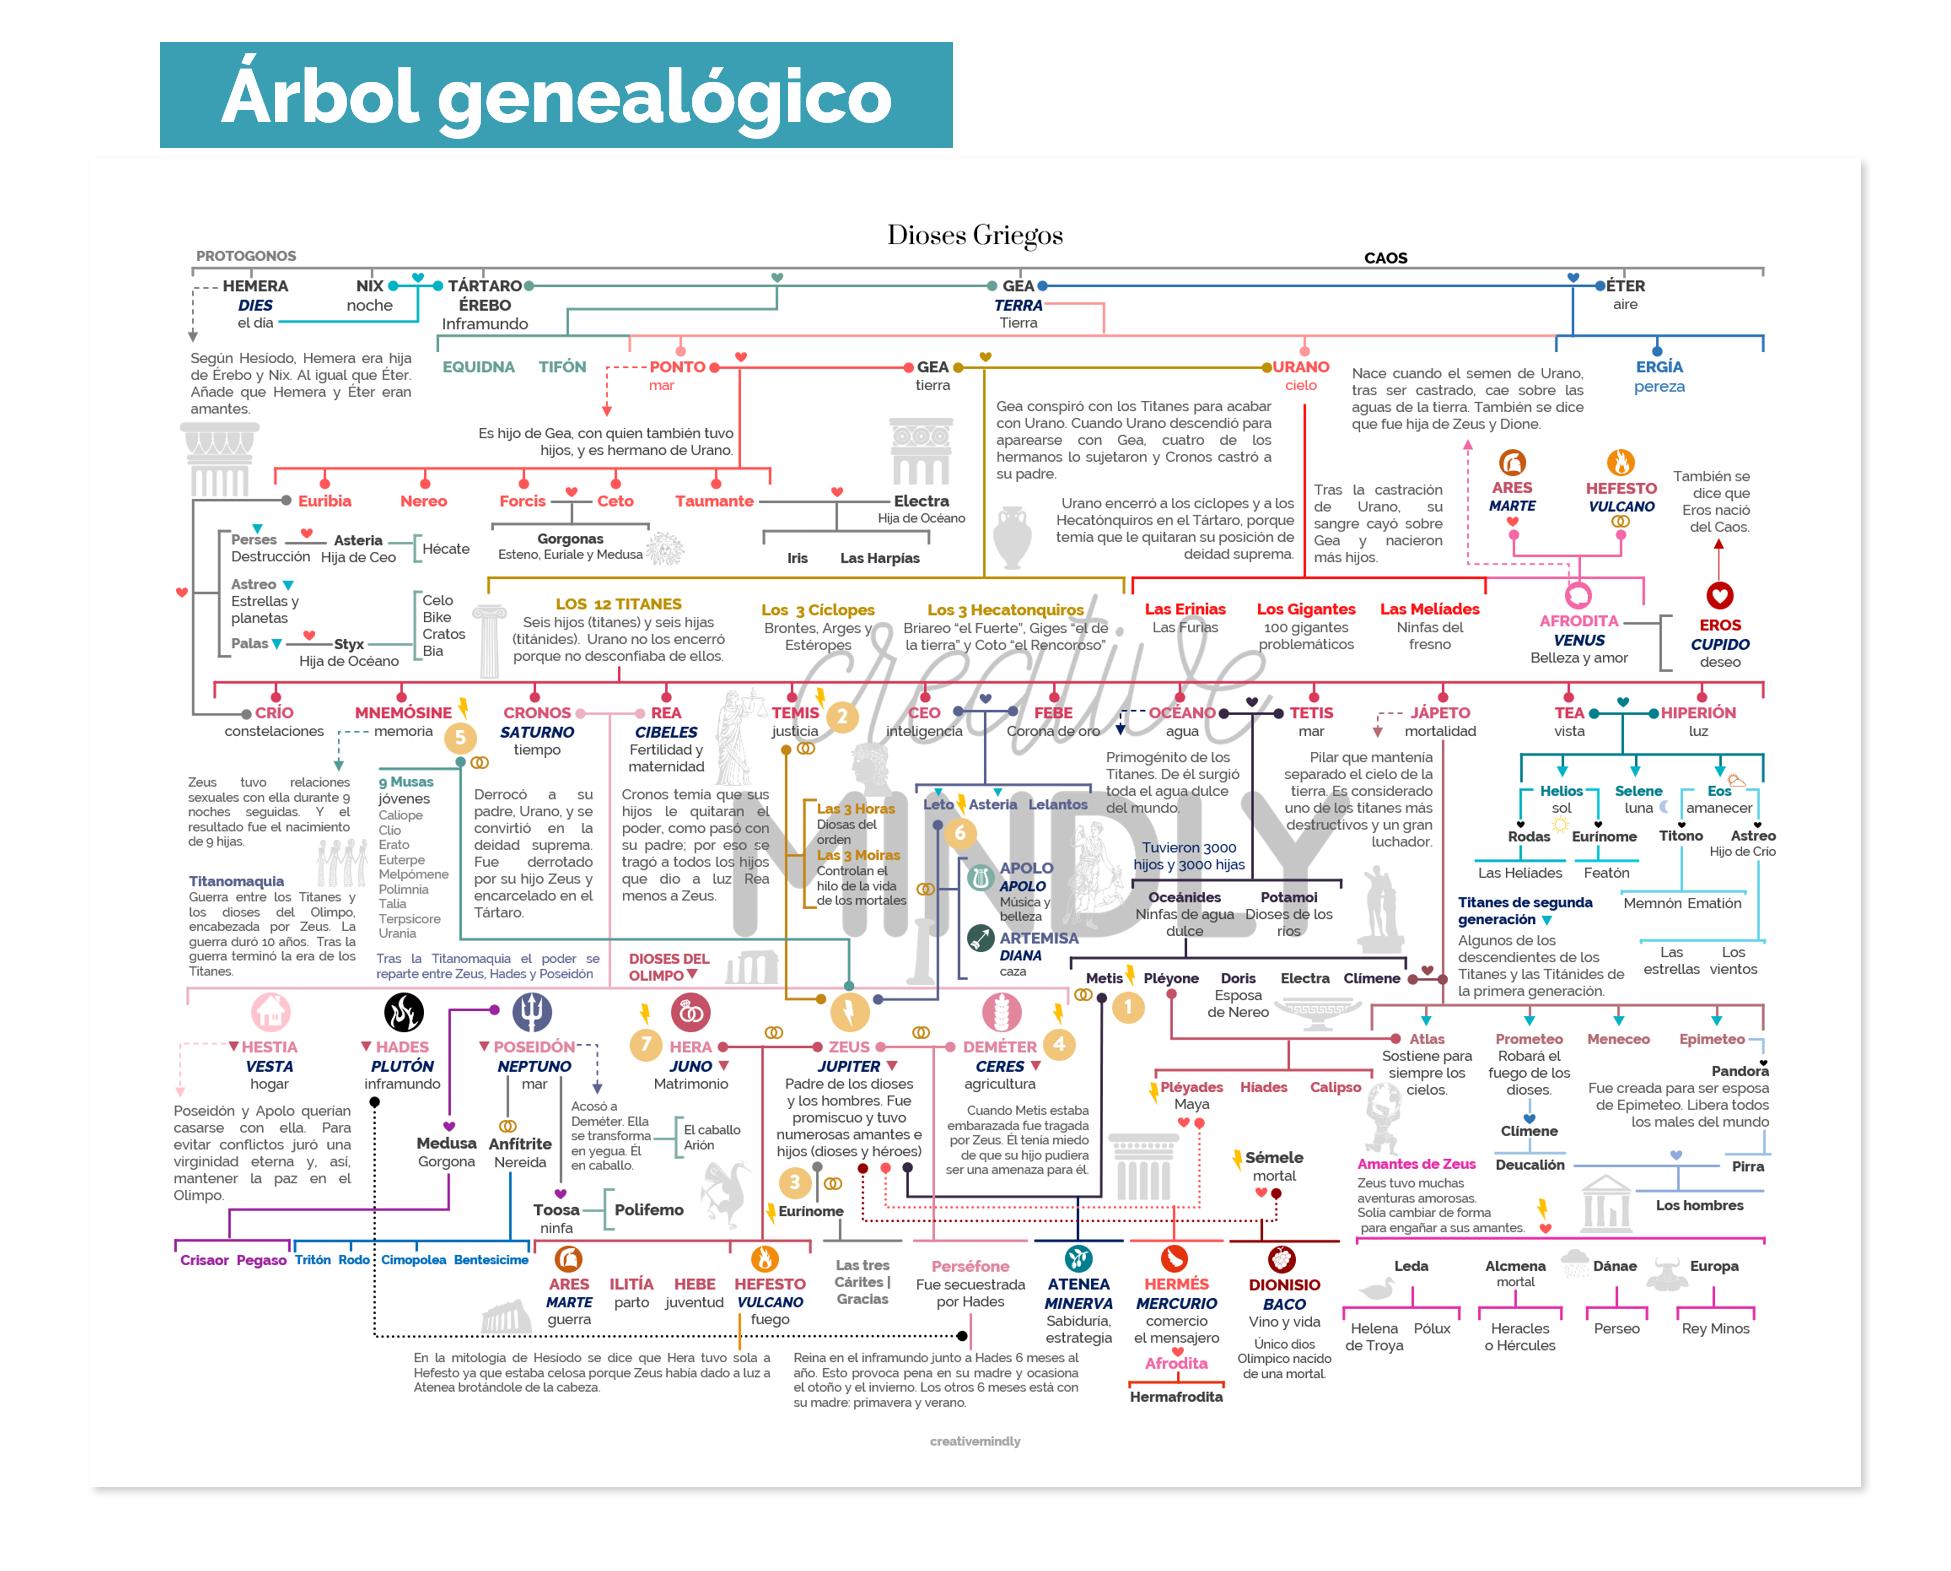 ARBOL GENEALOGICO DIOSES GRIEGOS